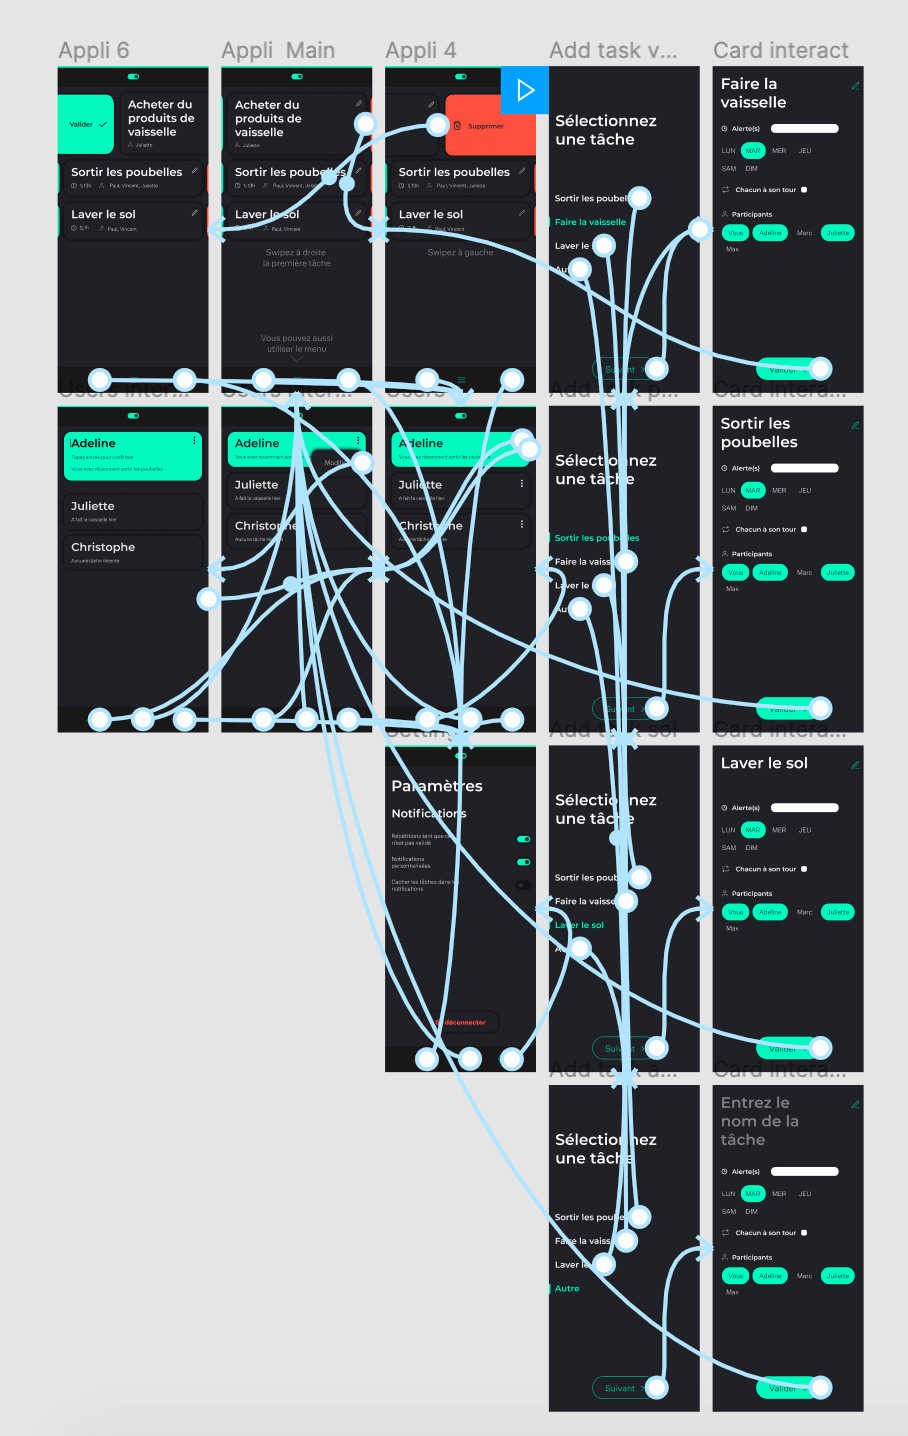 Capture d'écran du fichier figma avec les différentes interactions